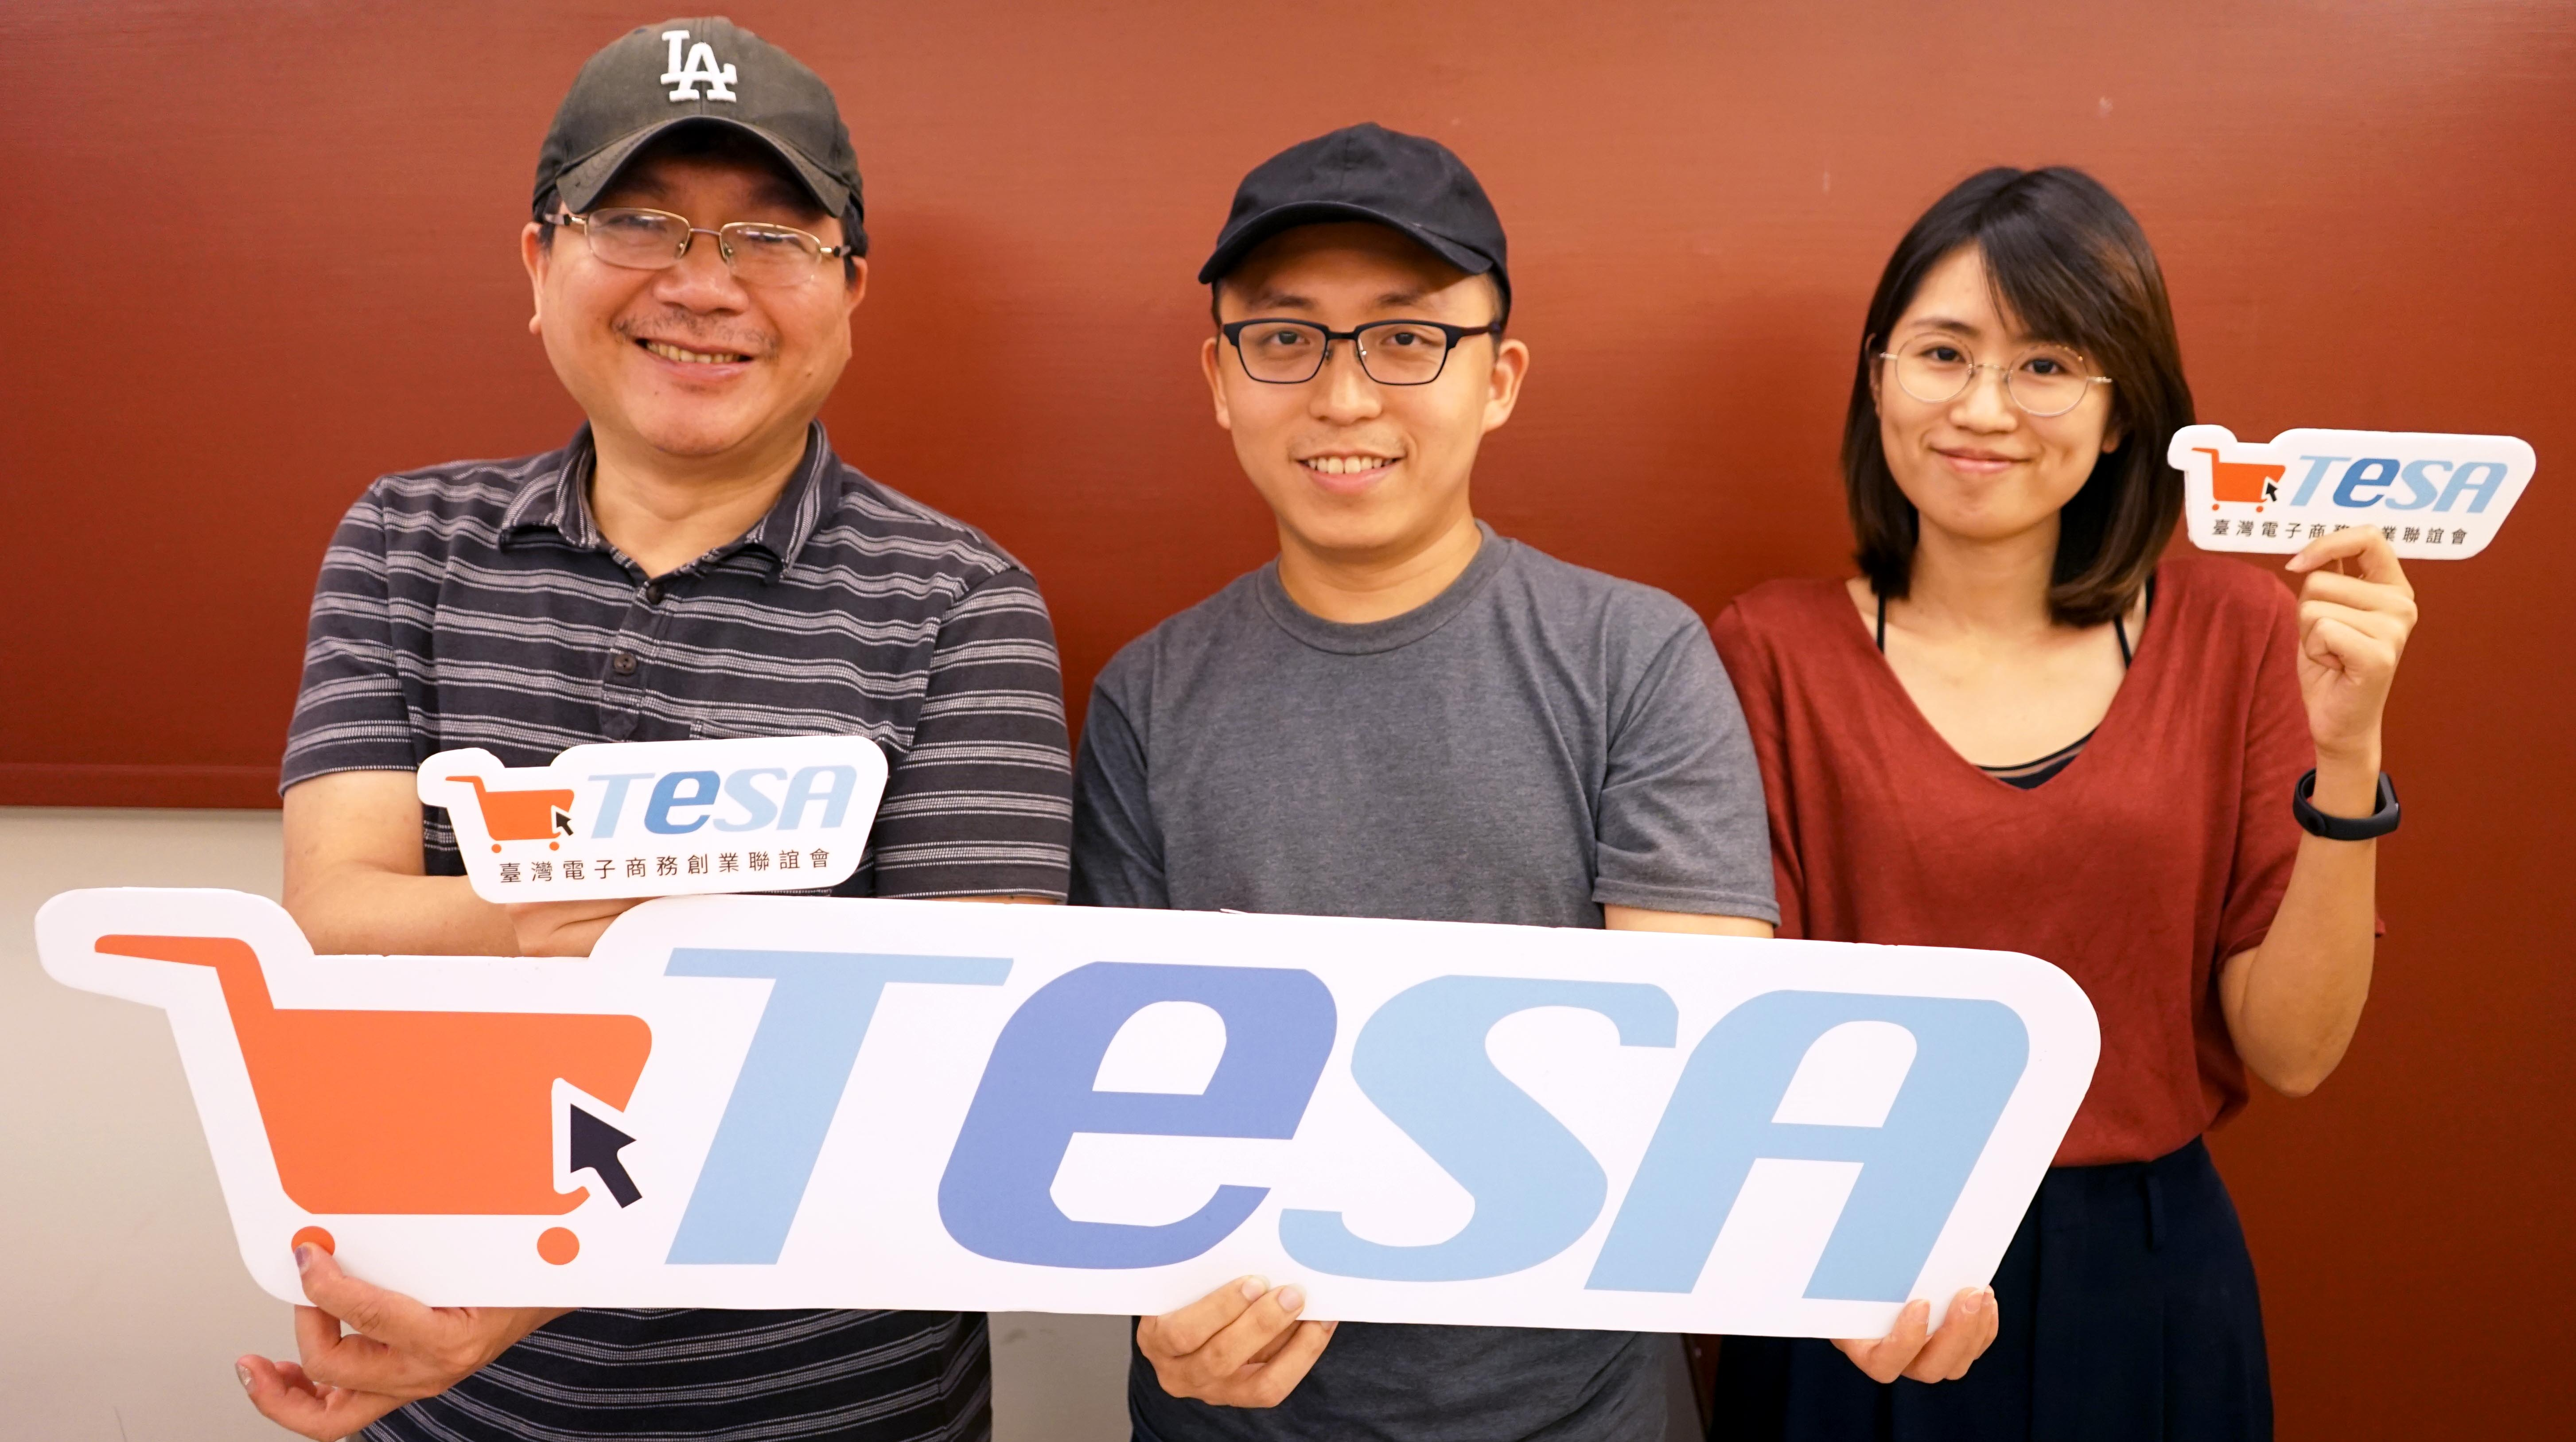 做淘寶不再失敗,TeSA帶來淘寶大學教育培訓資源